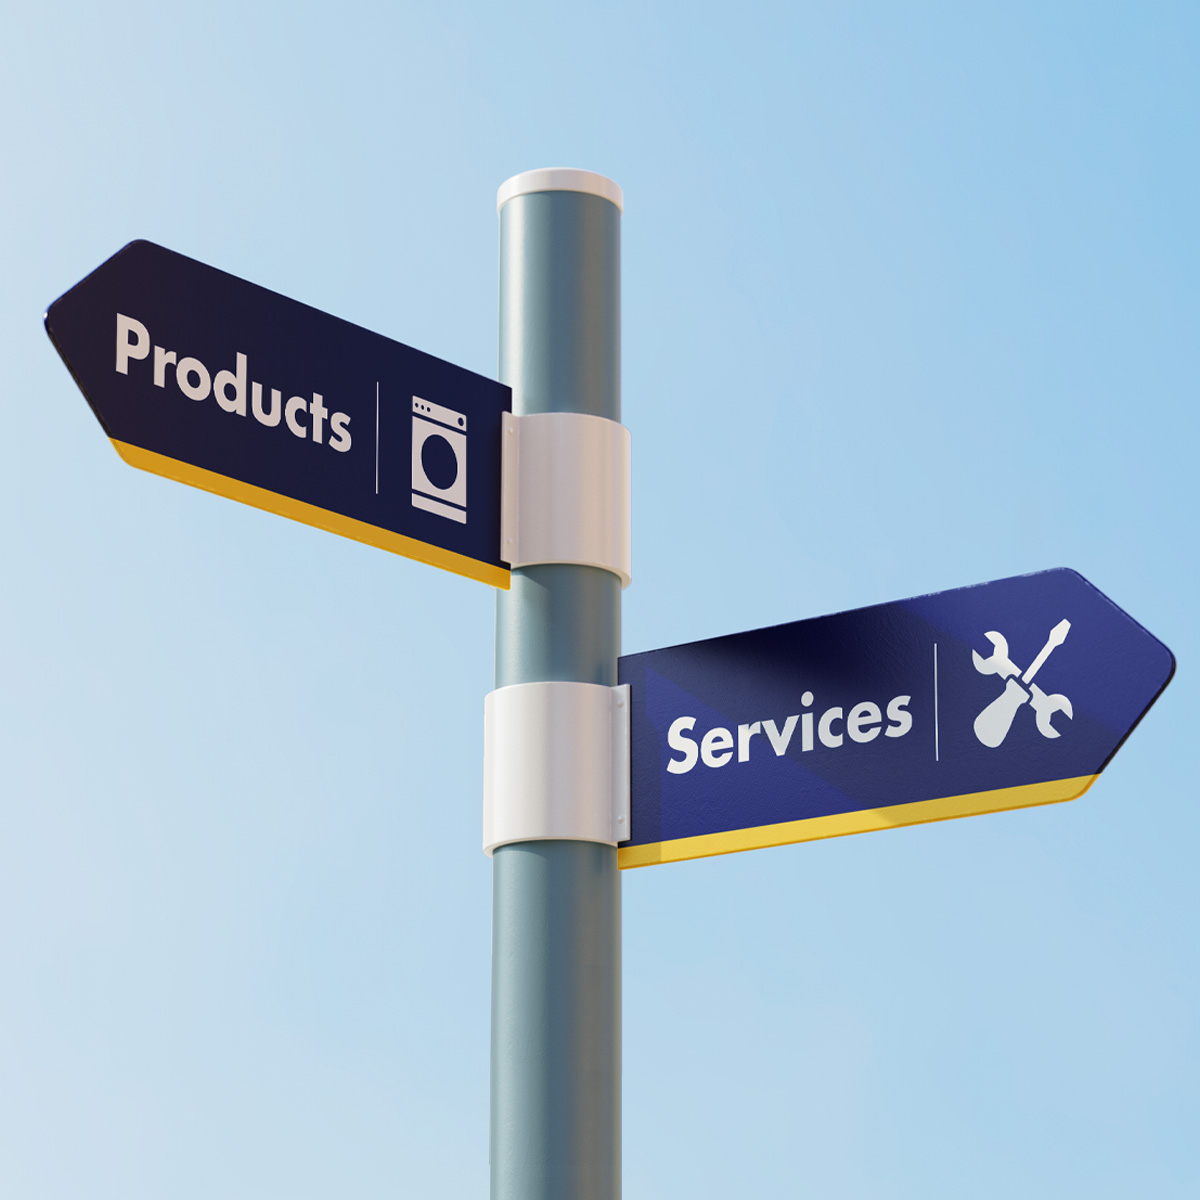 المنتجات والخدمات